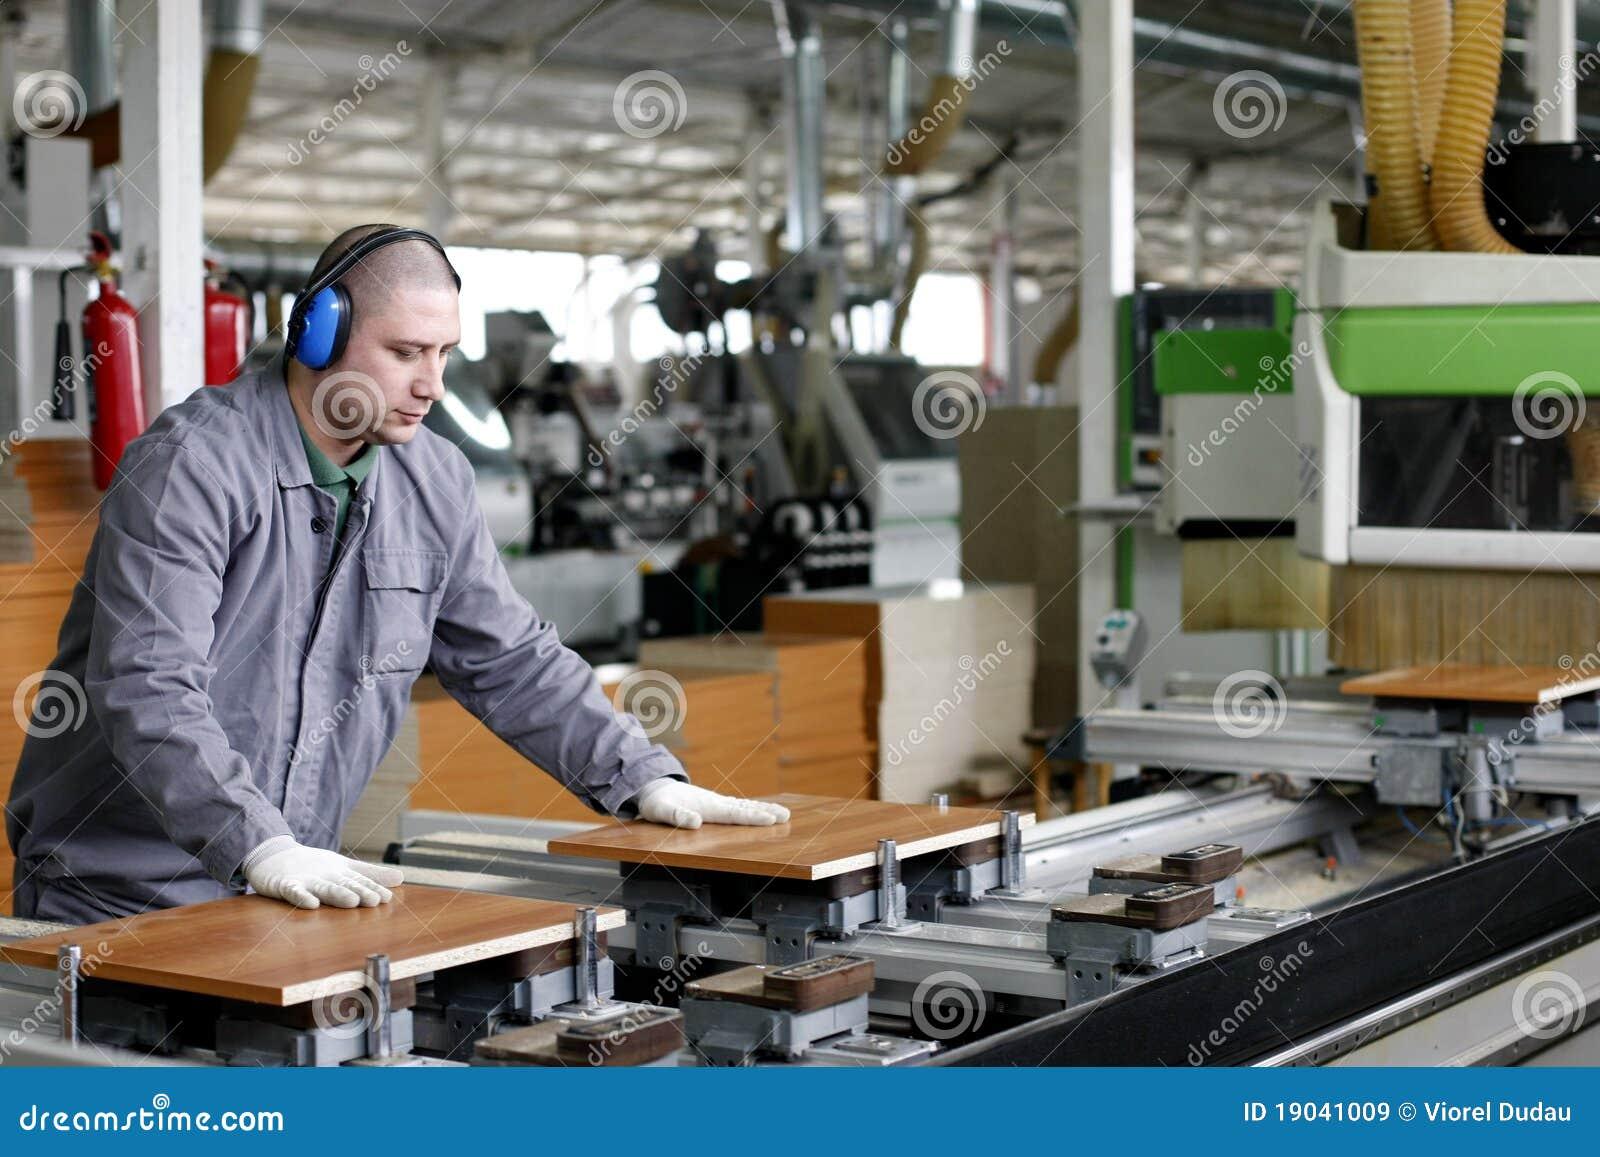 Trabajo industrial f brica de madera y de los muebles for Fabrica de aberturas de madera